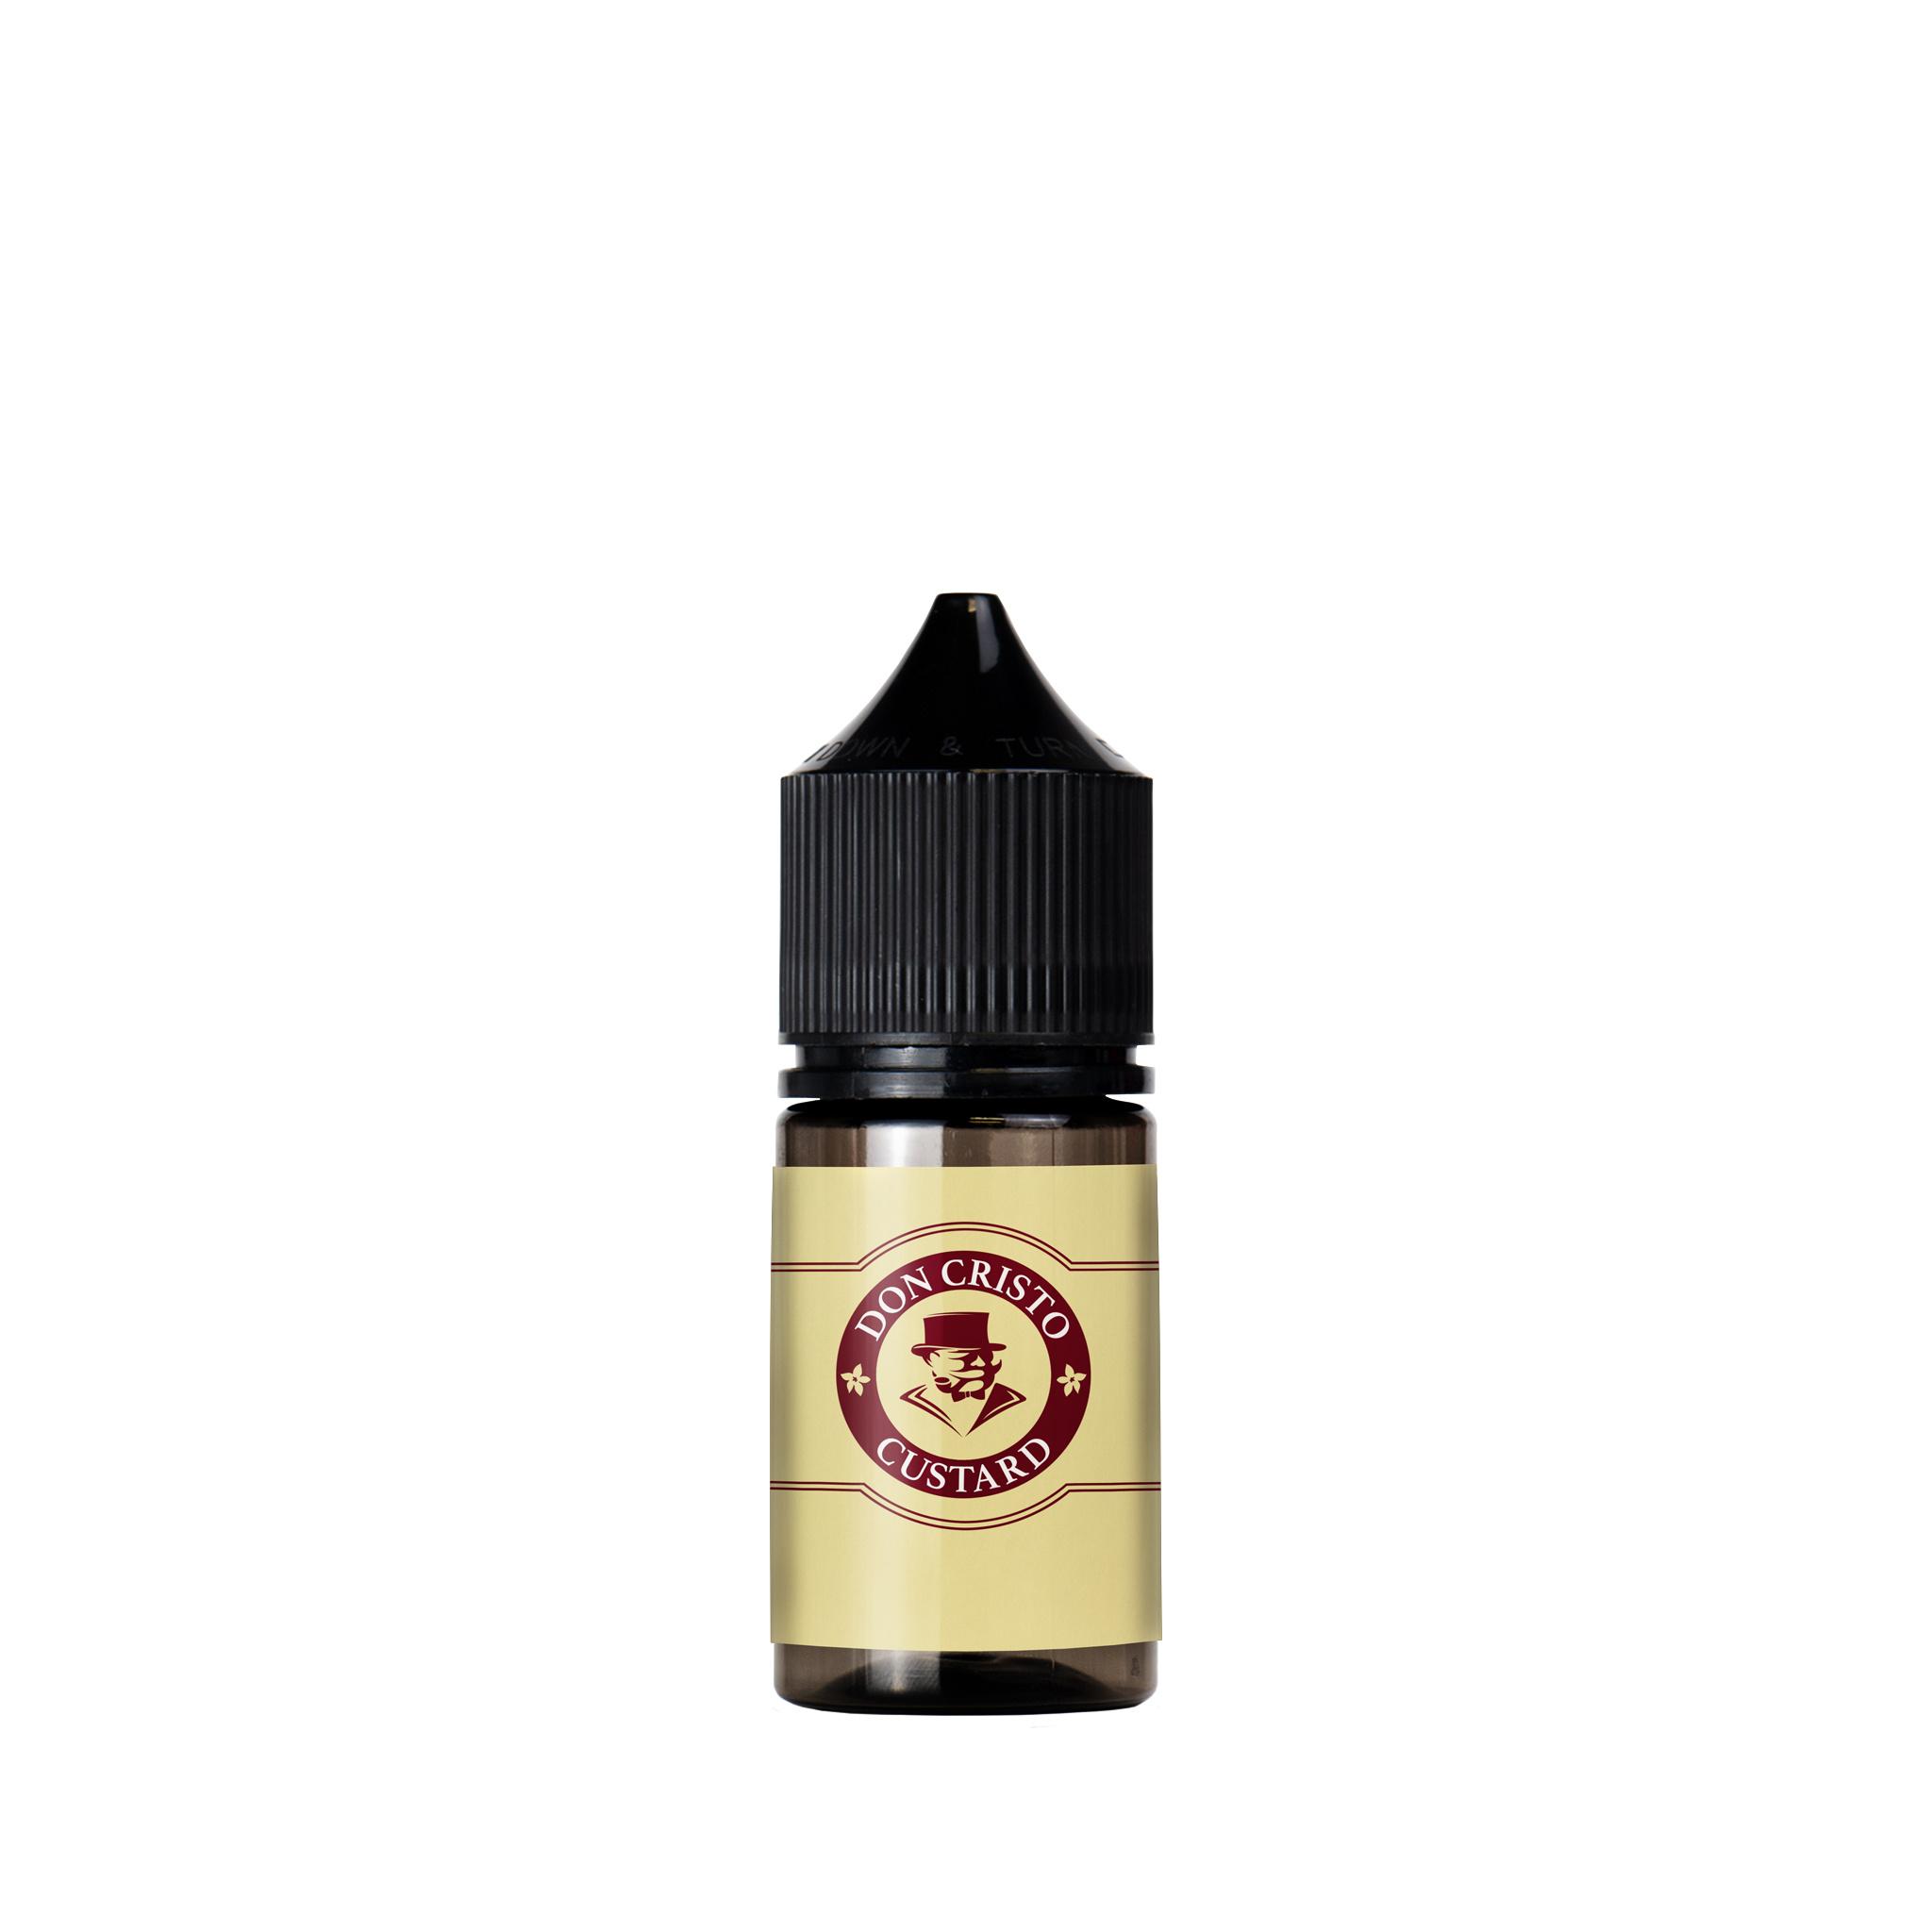 Don Cristo Don Cristo - Custard Flavour 30ml Concentrate (Sucralose Free)